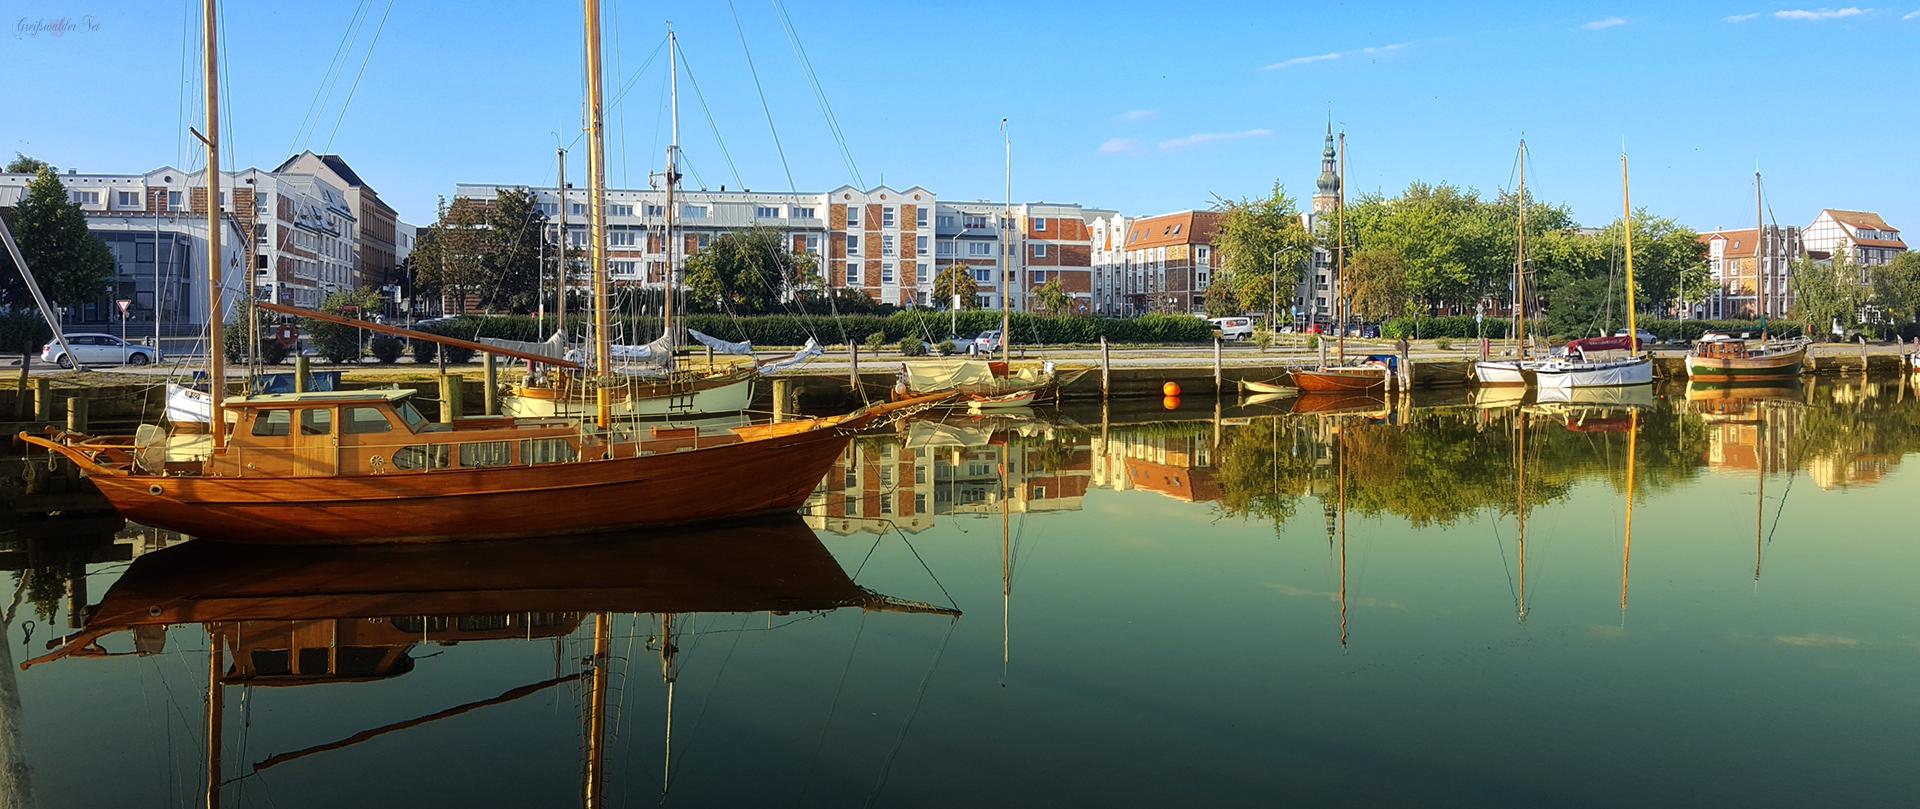 Museumshafen Greifswald - Spiegelungen